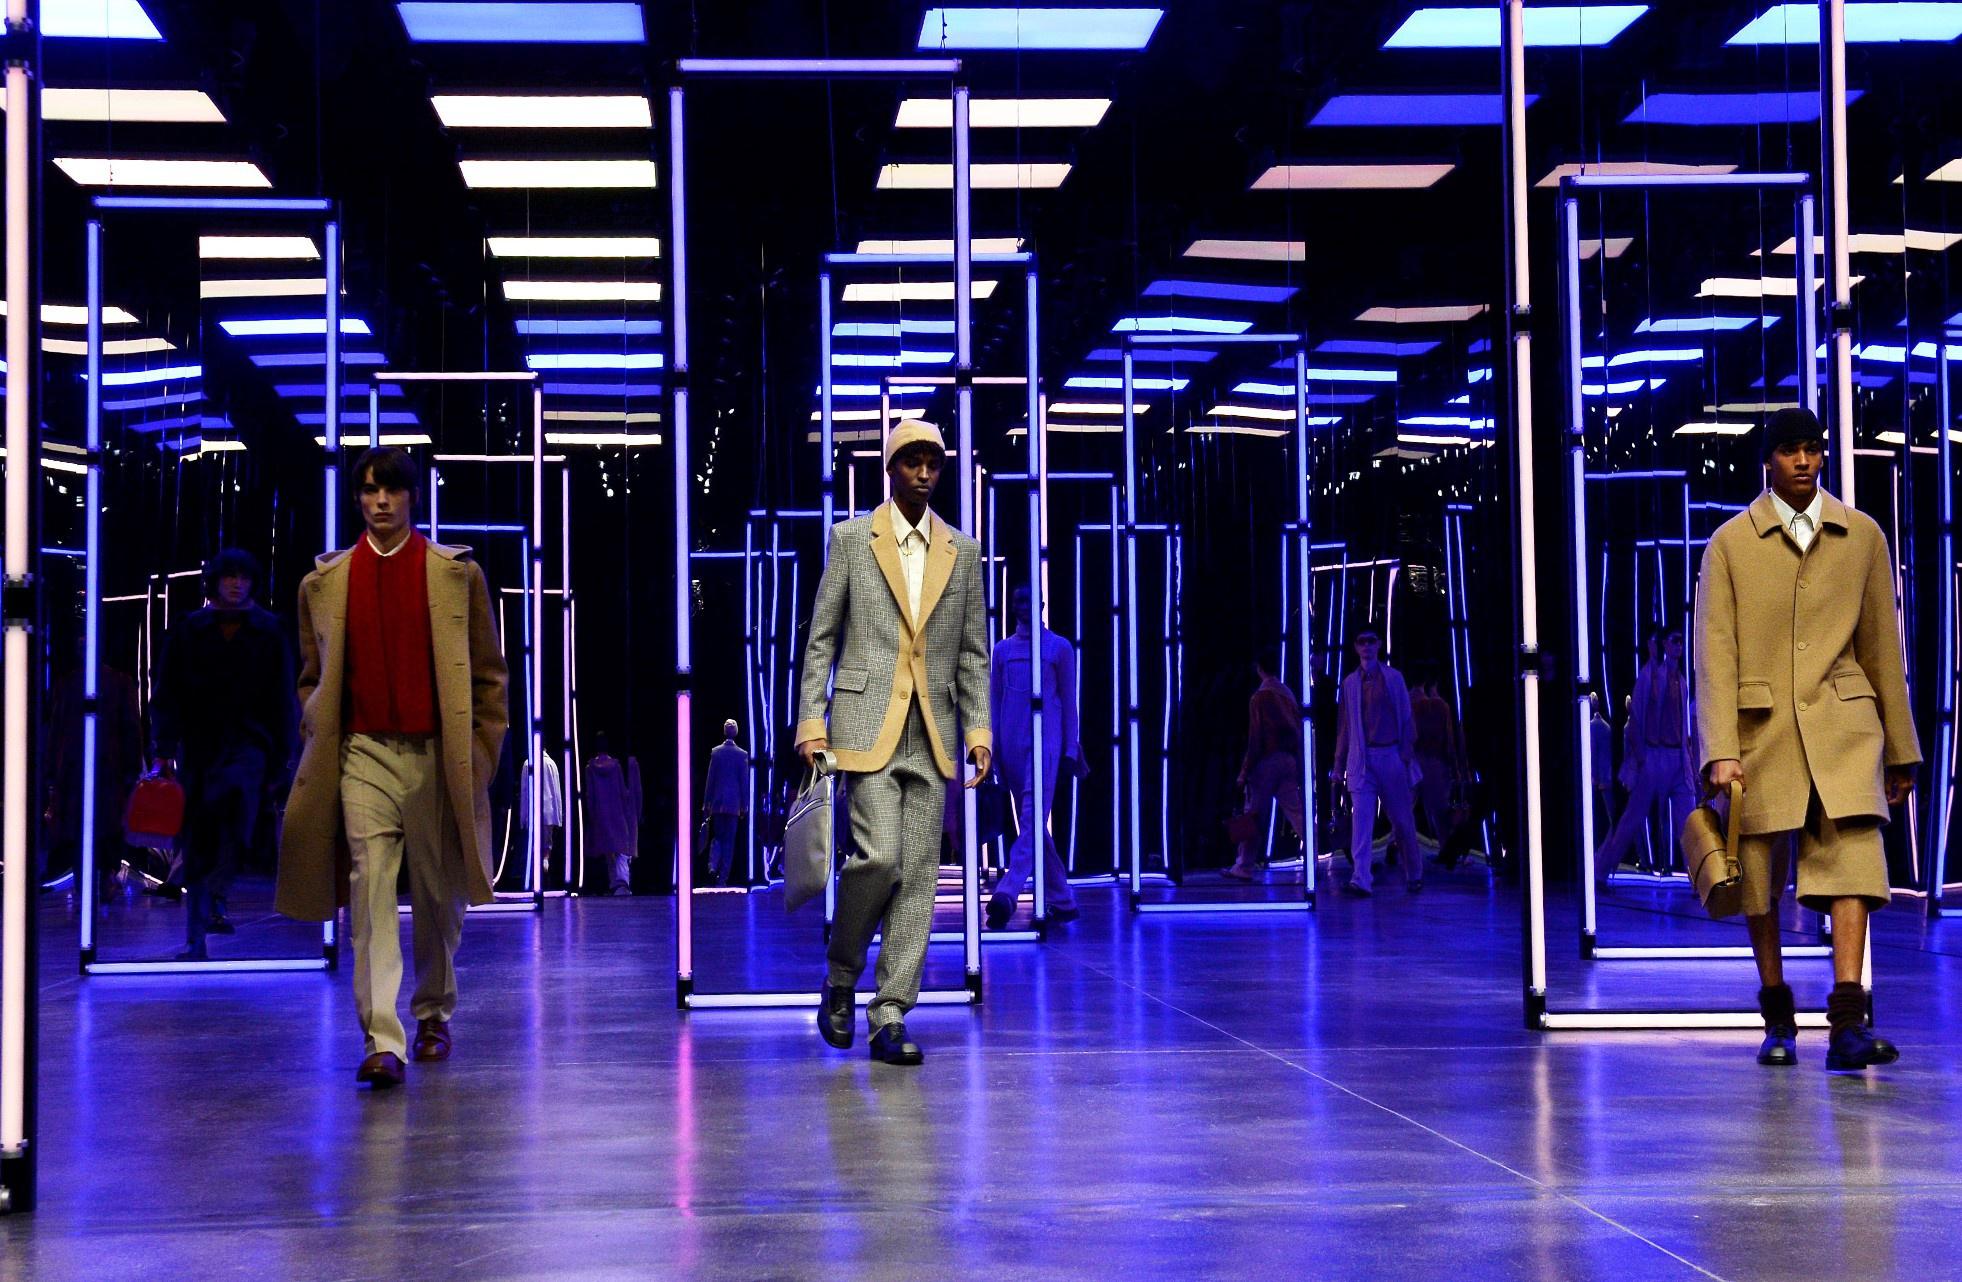 FENDI 2021秋冬男装系列:在需要互相关怀的时代 这些男人先乐观了起来